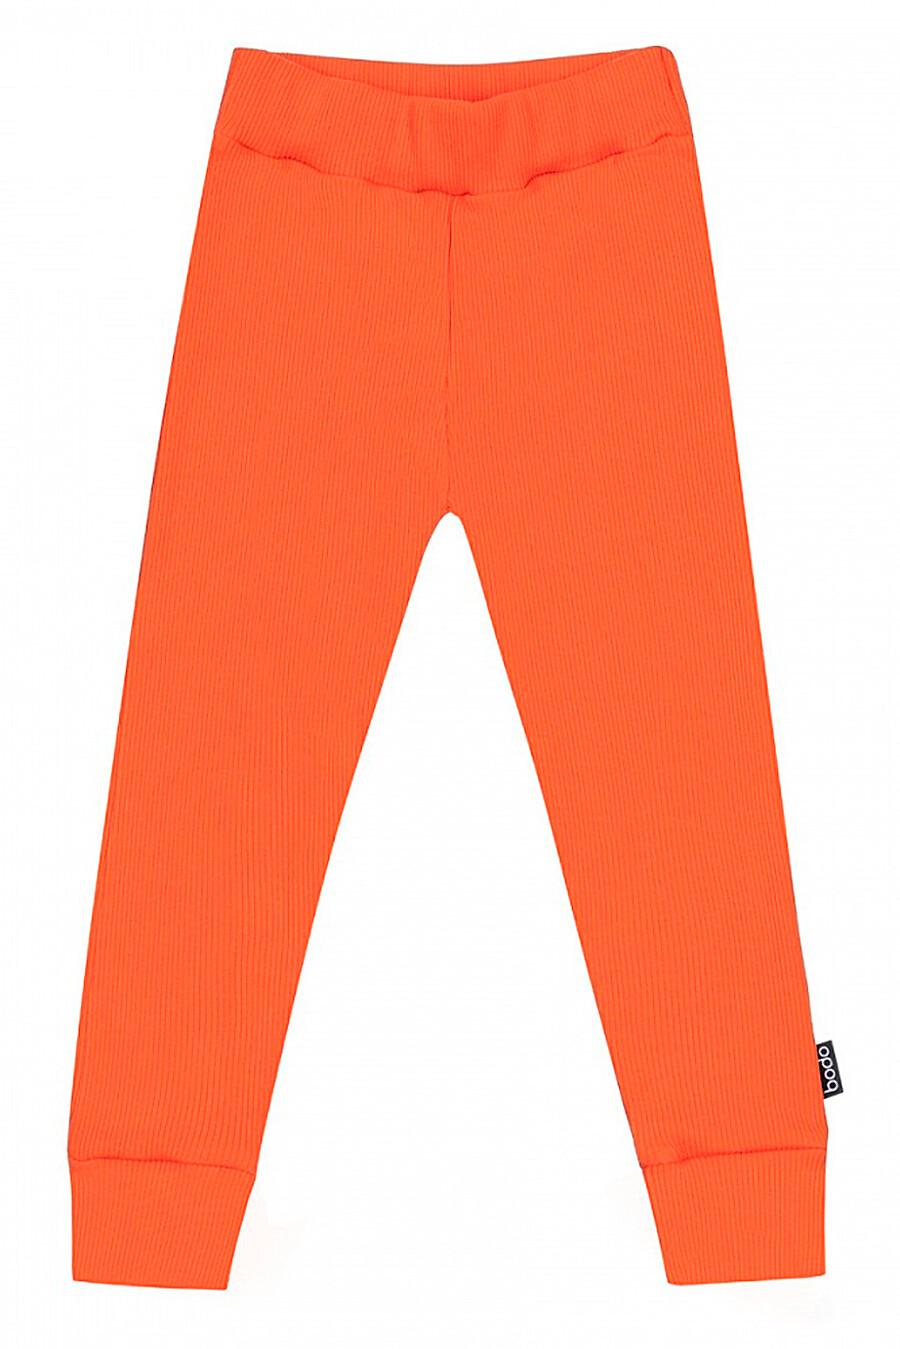 Леггинсы для девочек BODO 649395 купить оптом от производителя. Совместная покупка детской одежды в OptMoyo